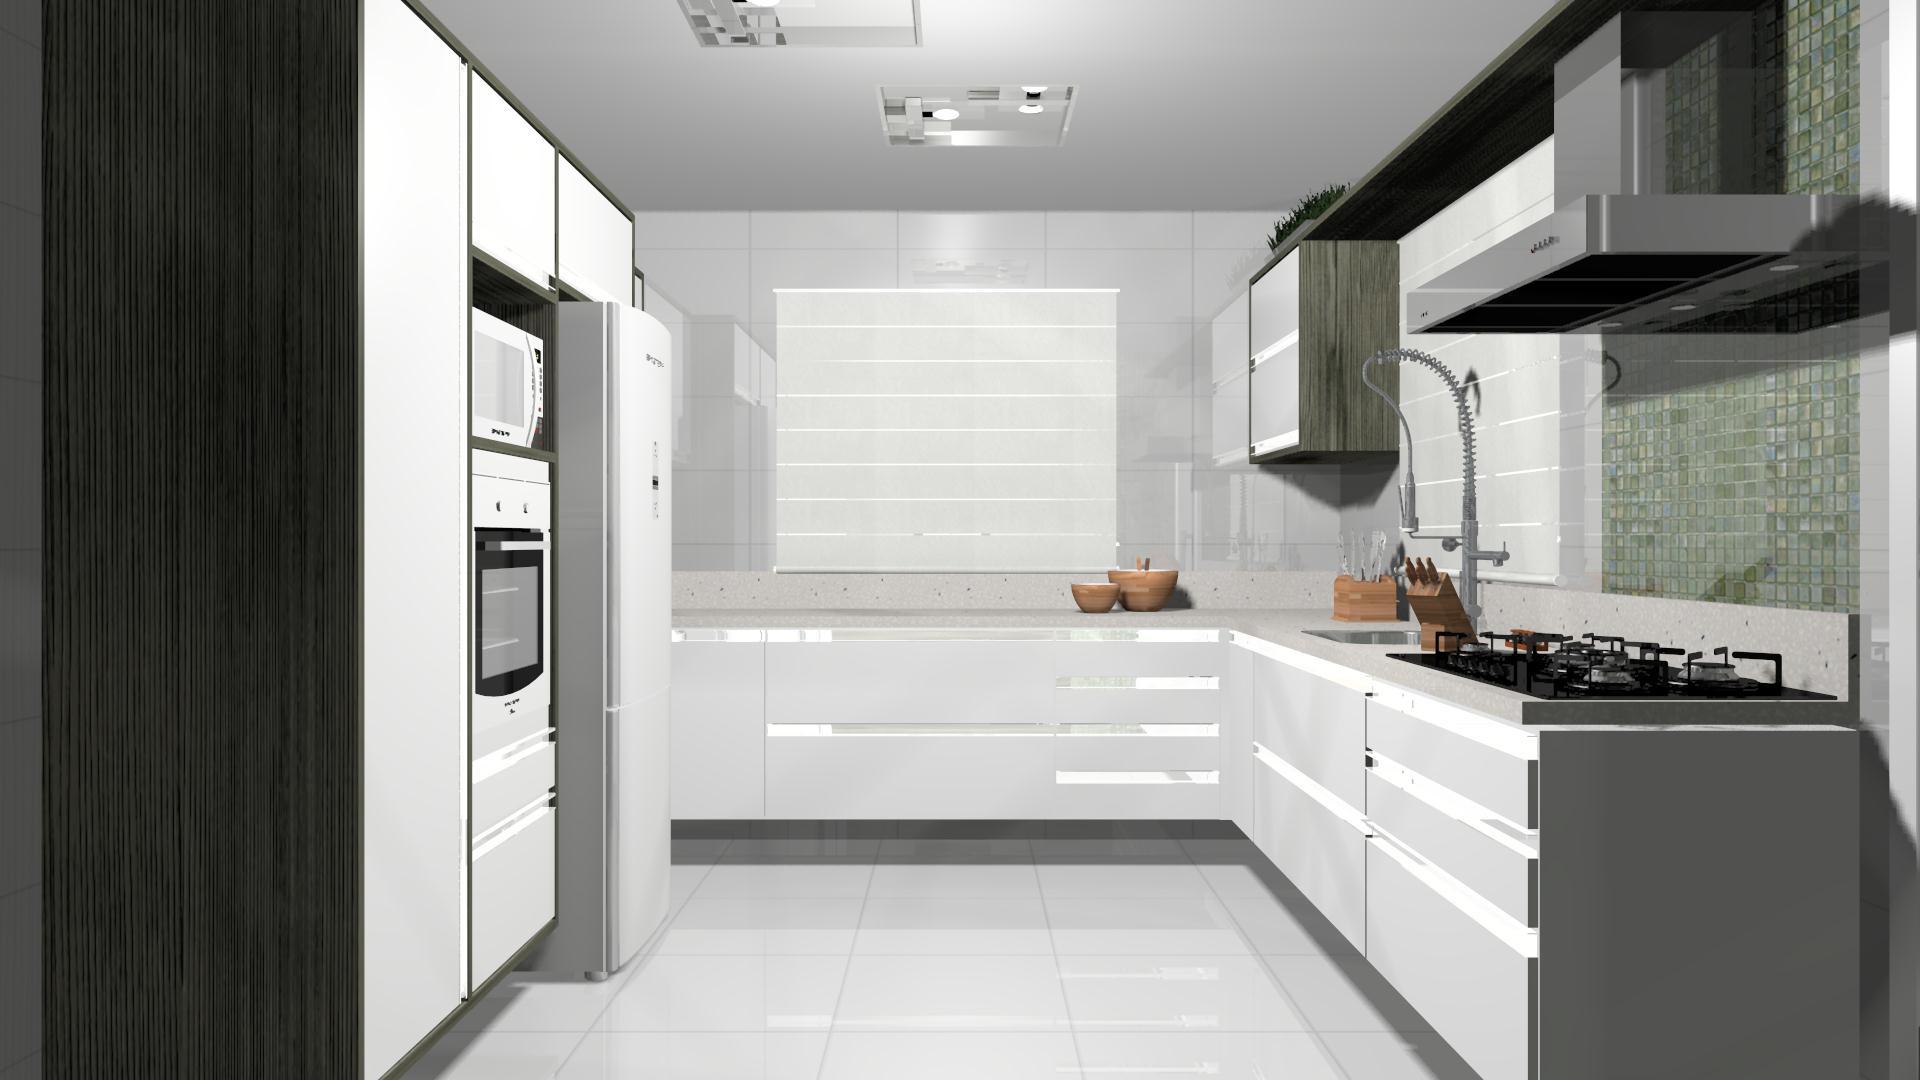 Projeto – Cozinha Prática #8B5F40 1920 1080